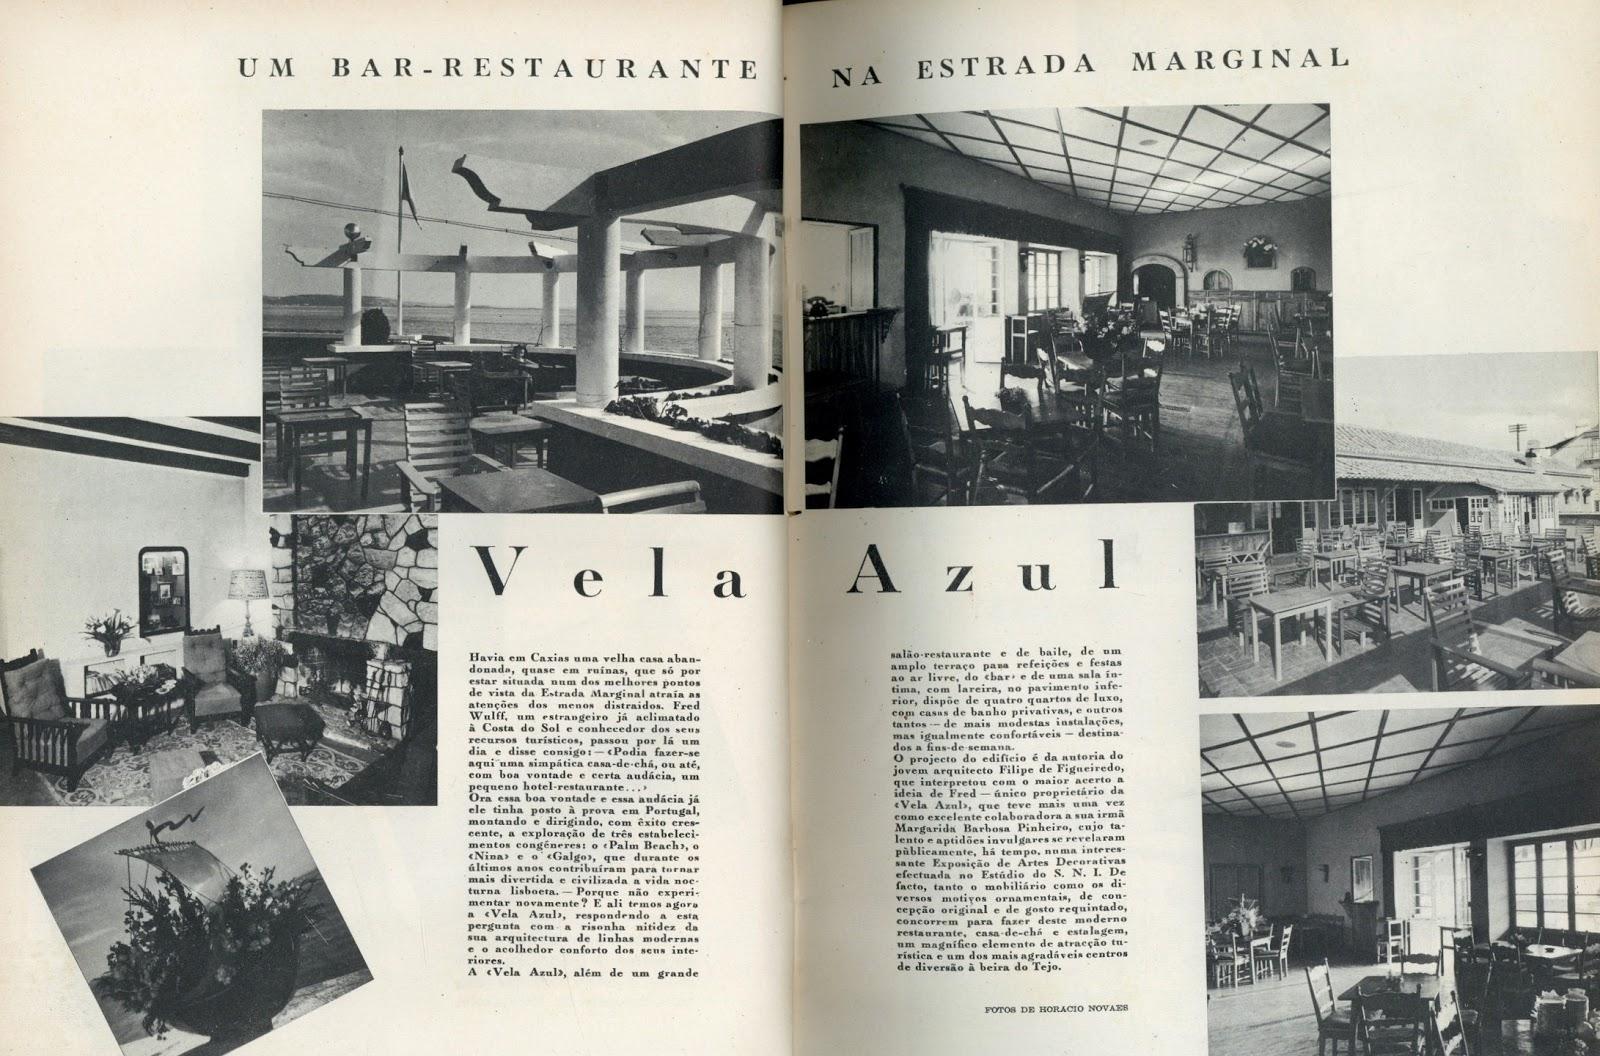 [1946-Vela-Azul-285]